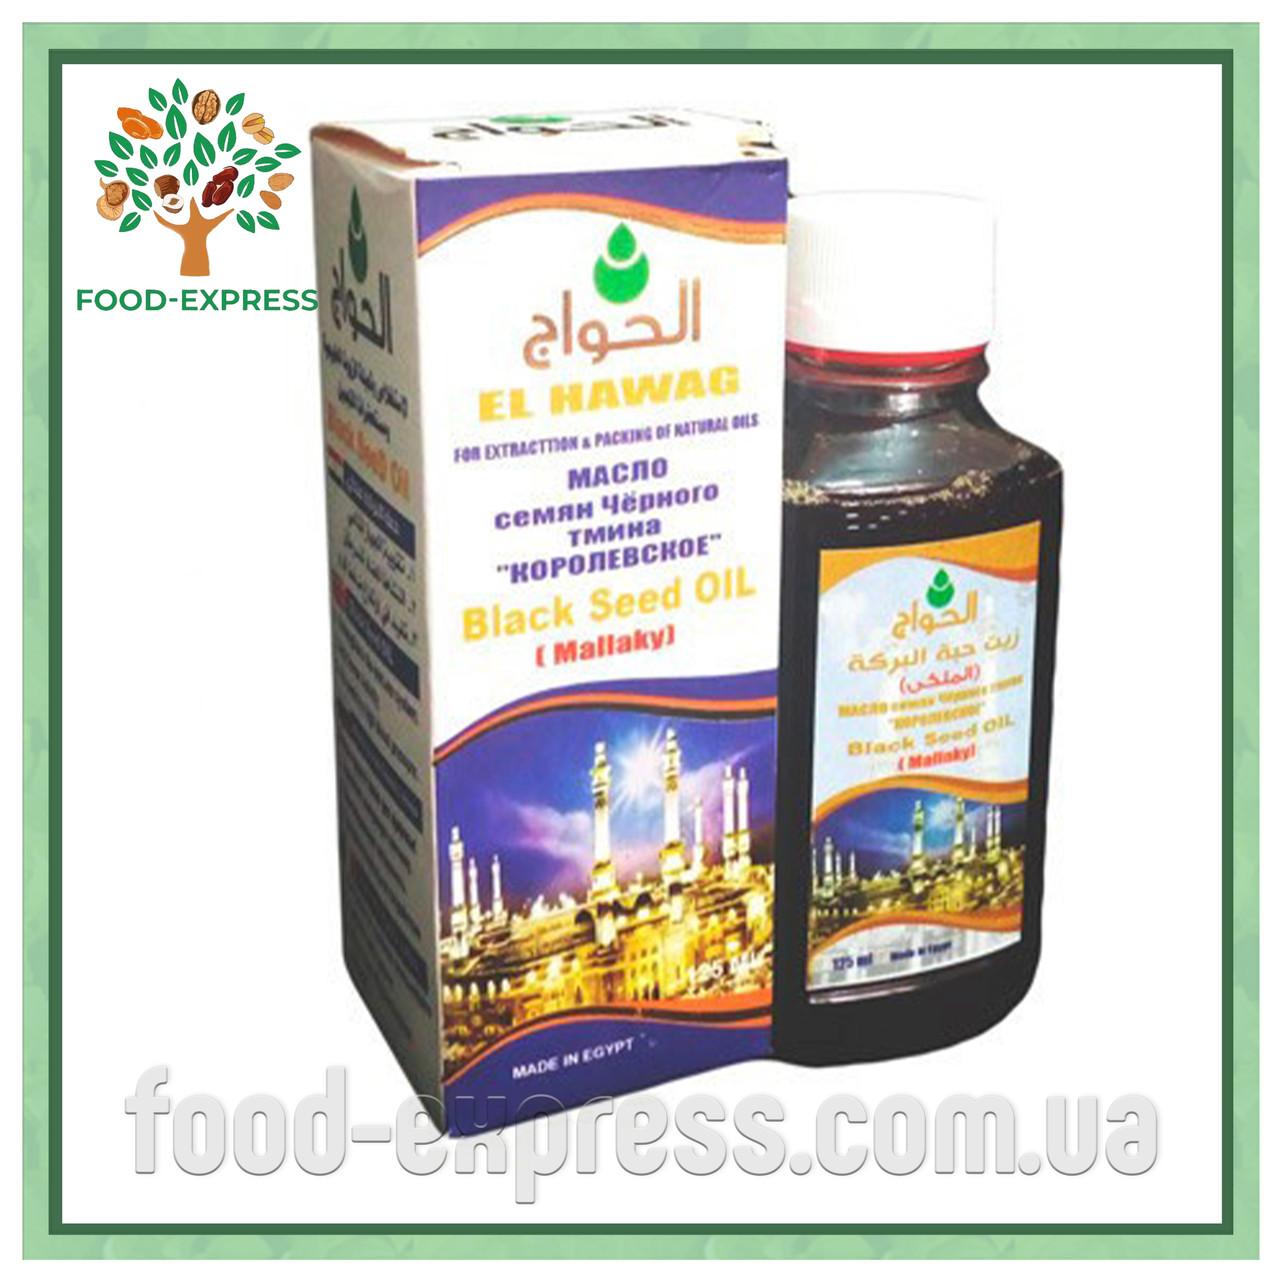 Масло черного тмина Королевское 125мл, Египет, 100% чистое нерафинированное масло холодного отжима